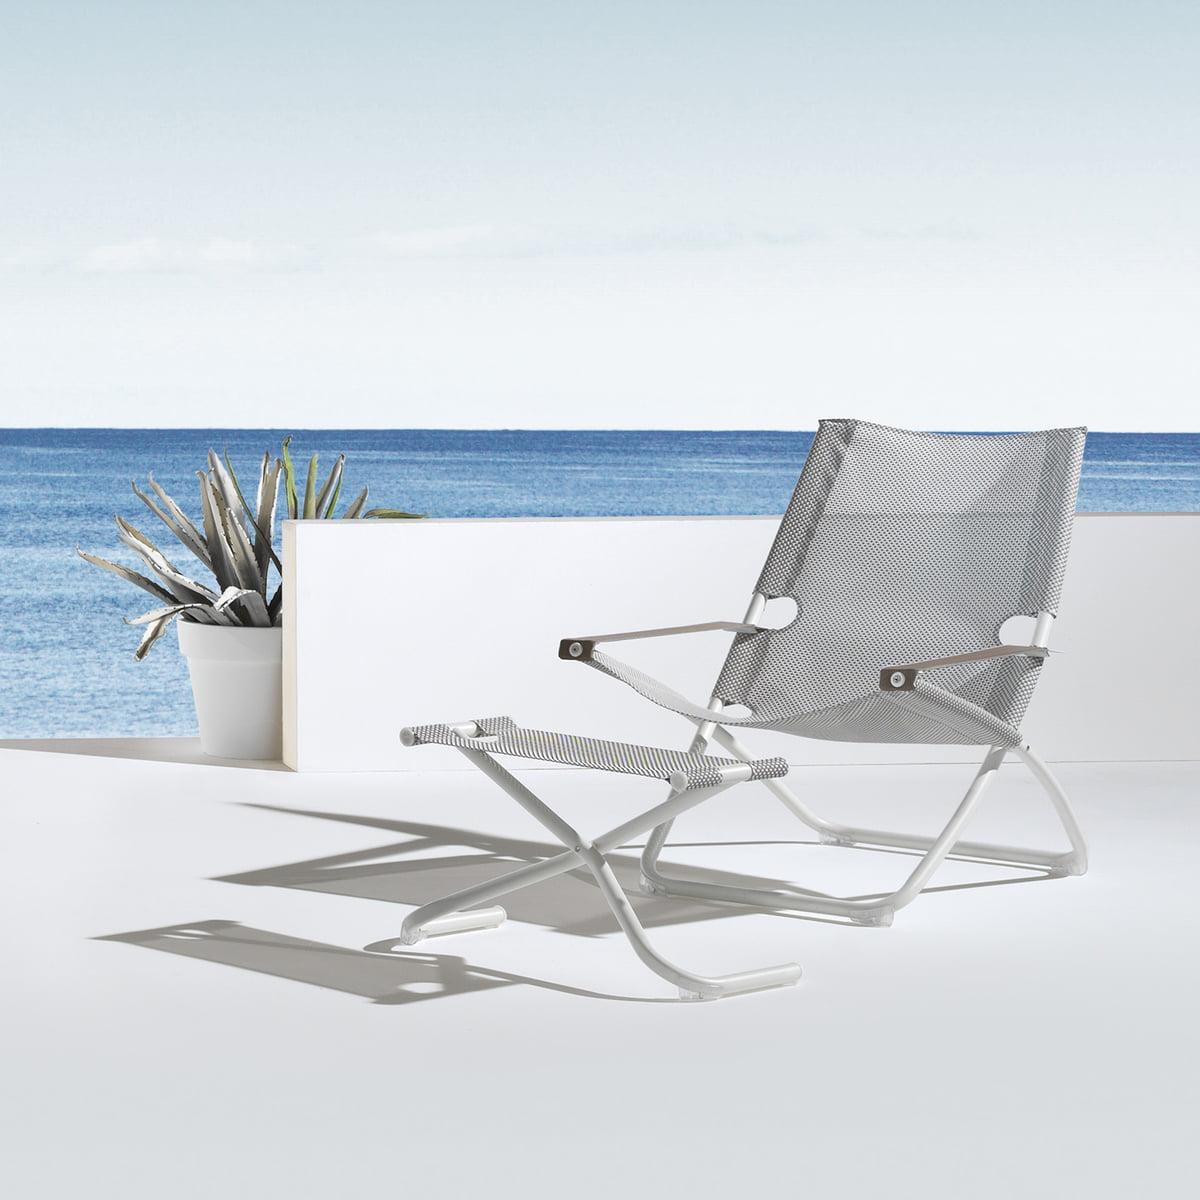 mobilier moderne outdoor chaise longue haute savoie